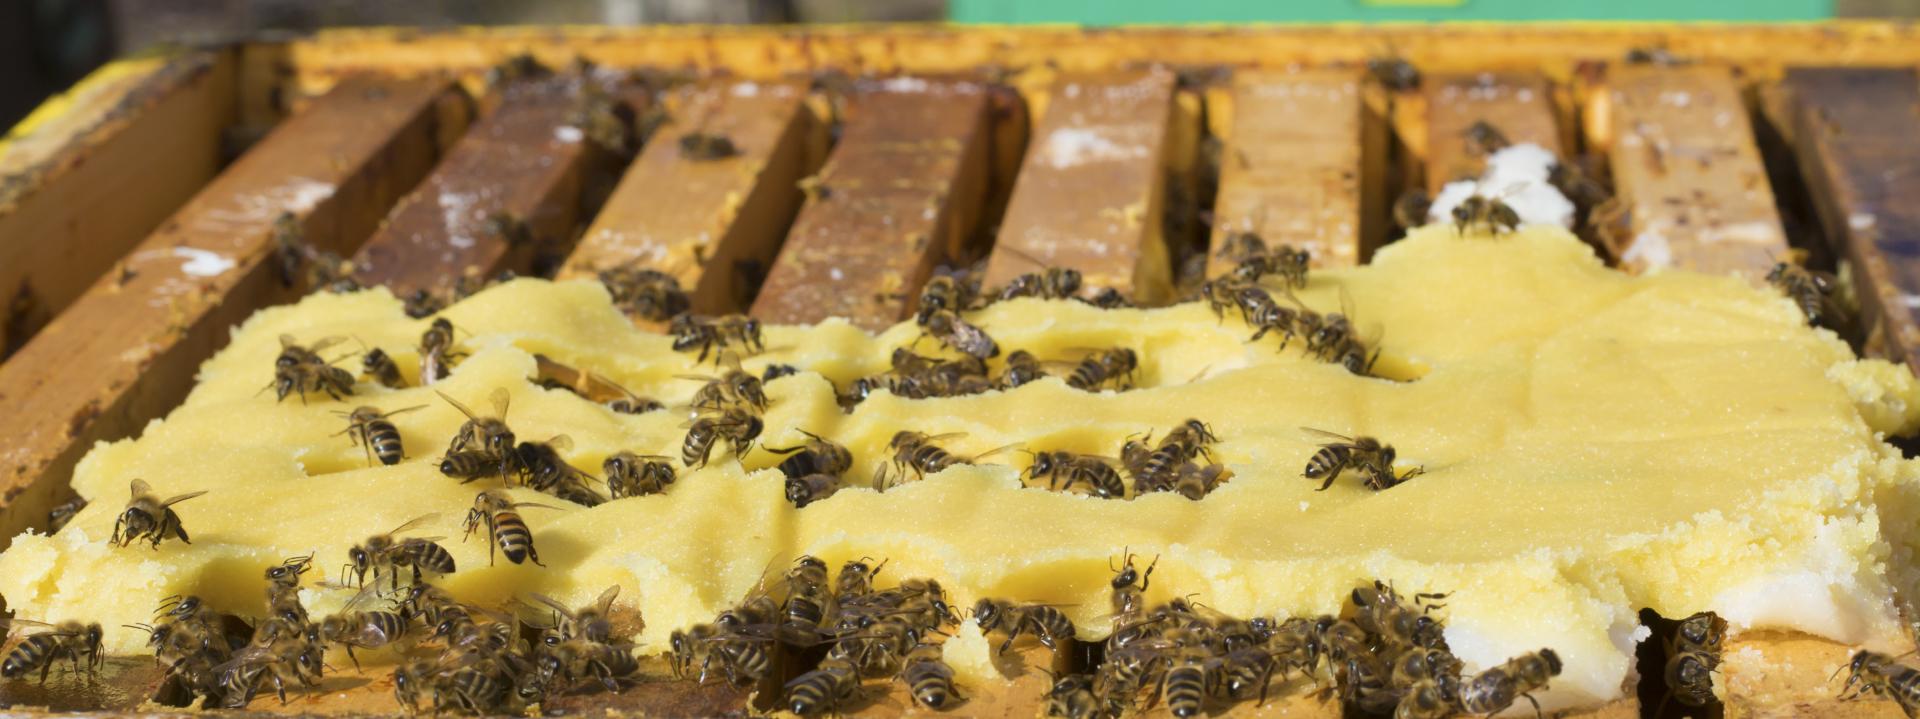 Подкормки для пчёл — что используют пчеловоды в Евросоюзе и США